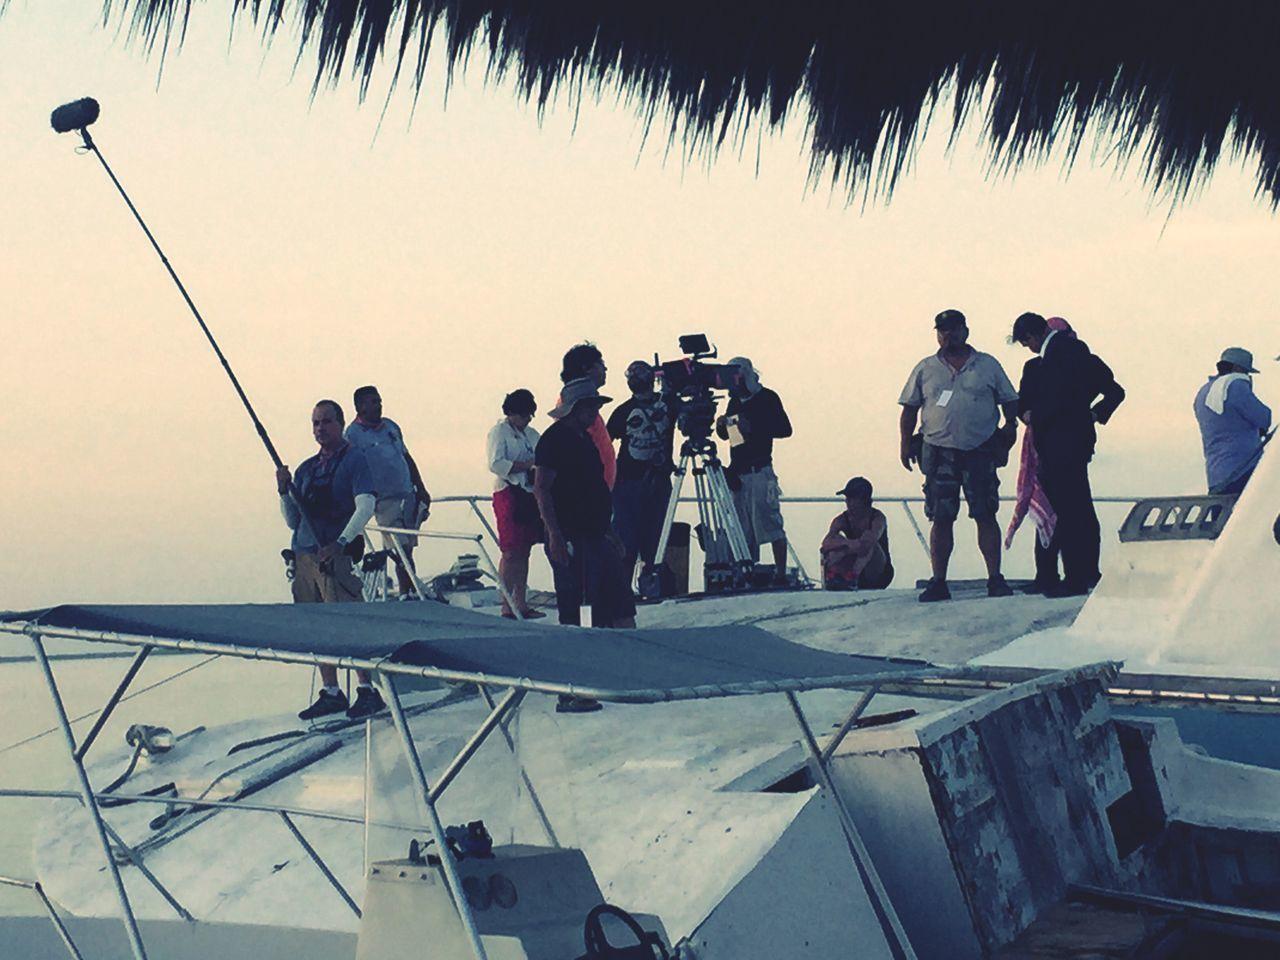 Room Tone Filming On Set